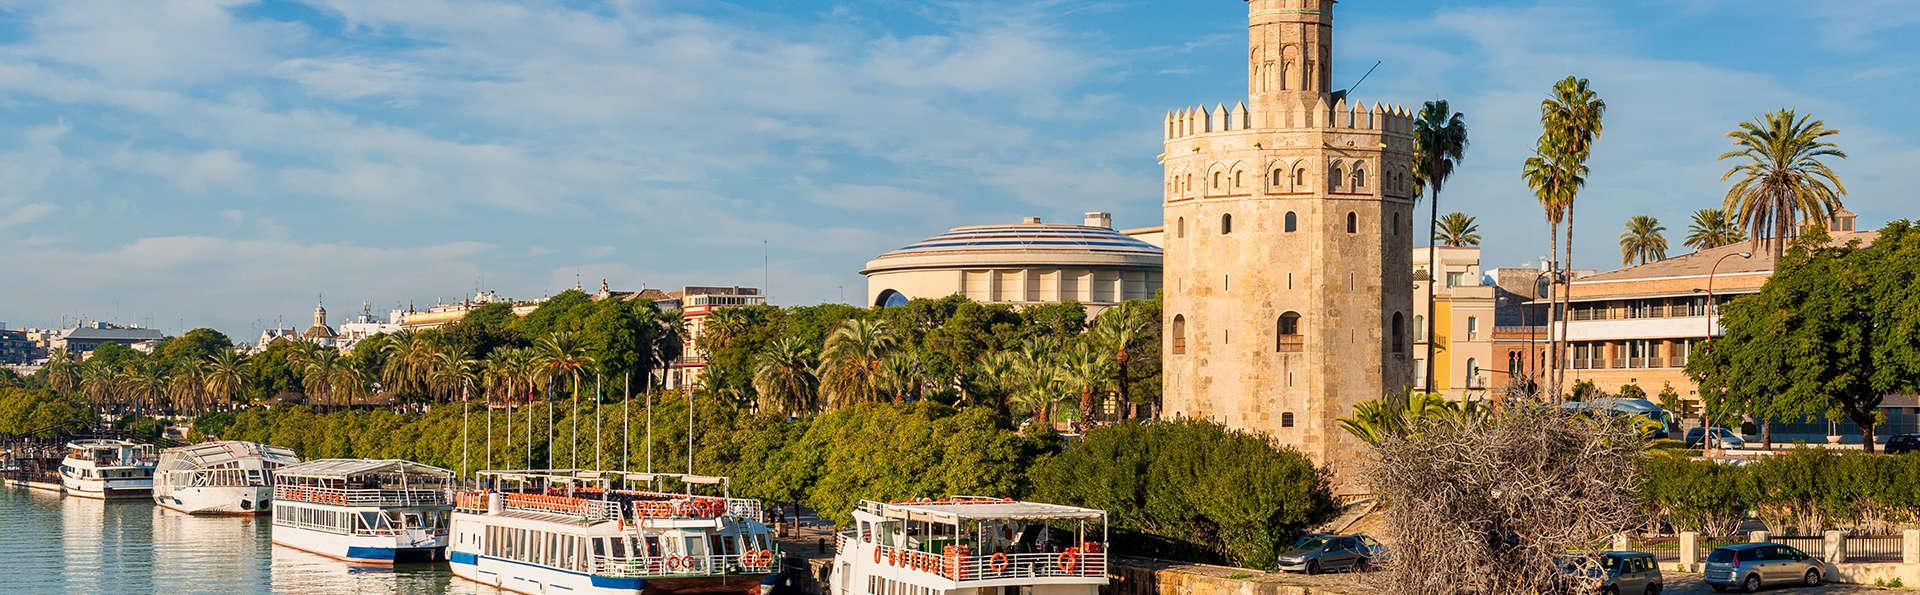 Hotel Bellavista Sevilla - Edit_Sevilla2.jpg